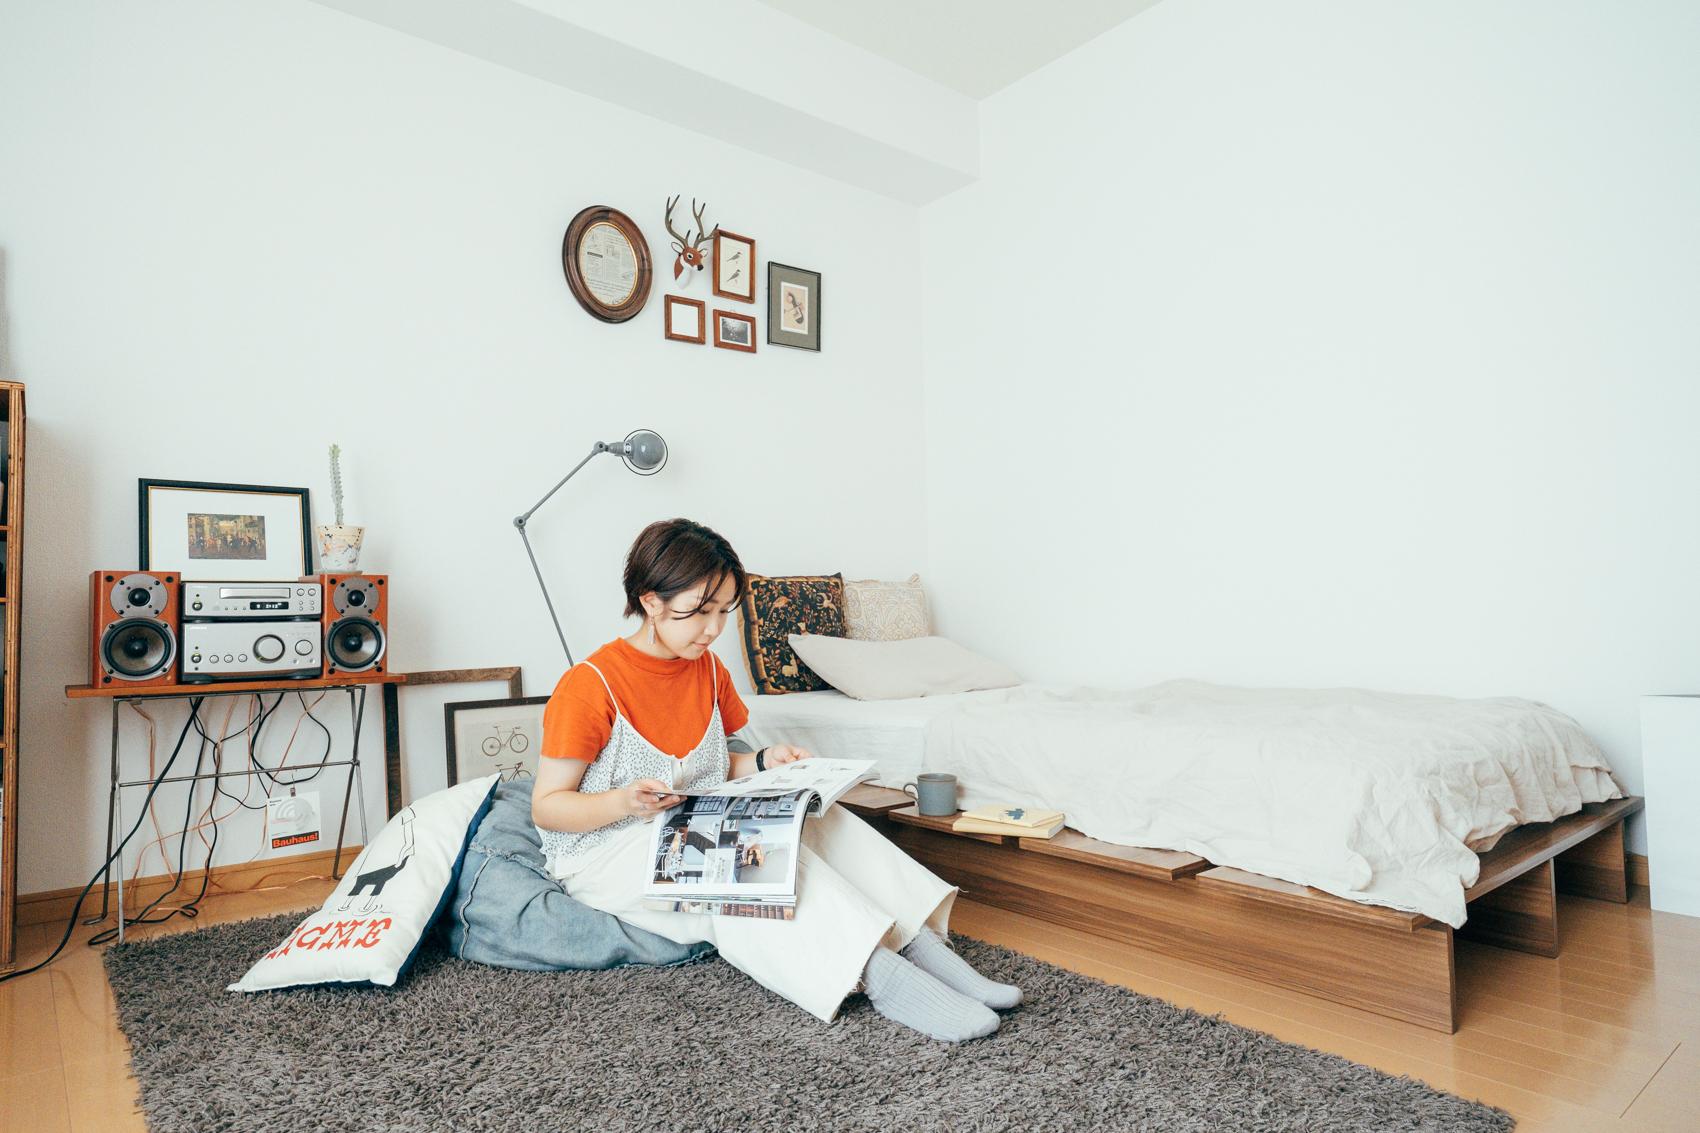 ローテーブルさえも置かず、ビーズクッションだけでくつろぎの空間を作っている方の事例。ベッド下の台を上手く活用して、コーヒーマグなどを置くスペースにしています。